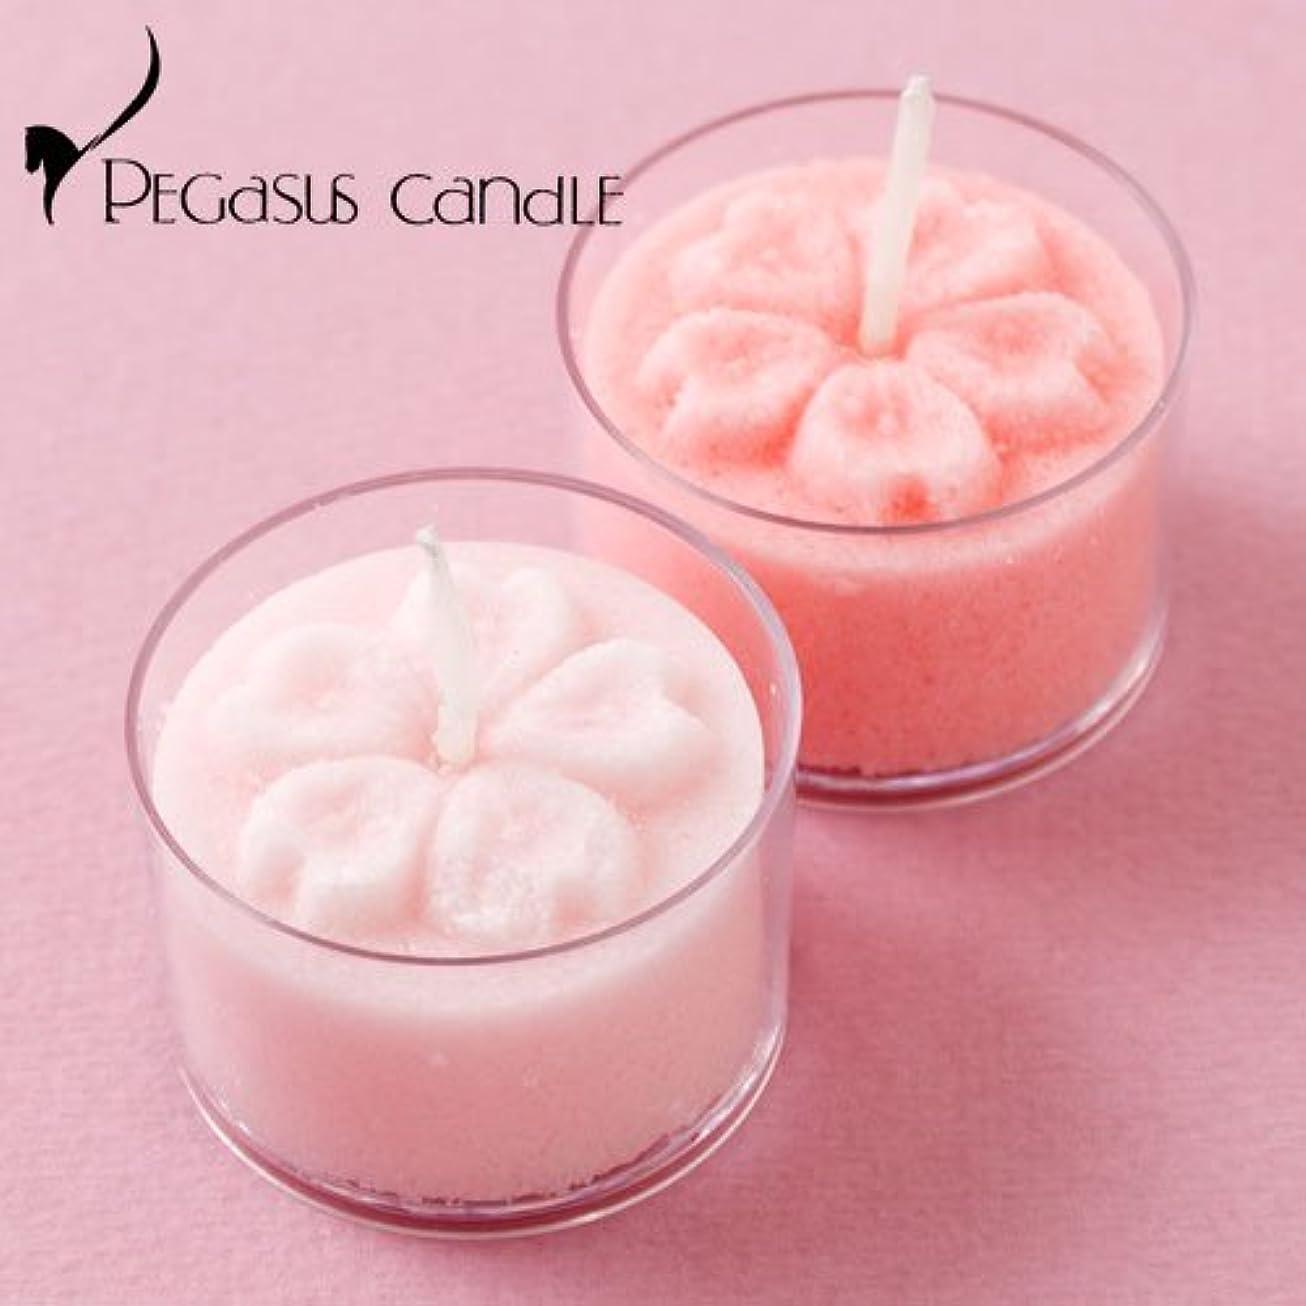 逆に一般的に言えば冒険花暦桜花の形のキャンドル2個セット(無香タイプ)ペガサスキャンドルFlower shaped candle